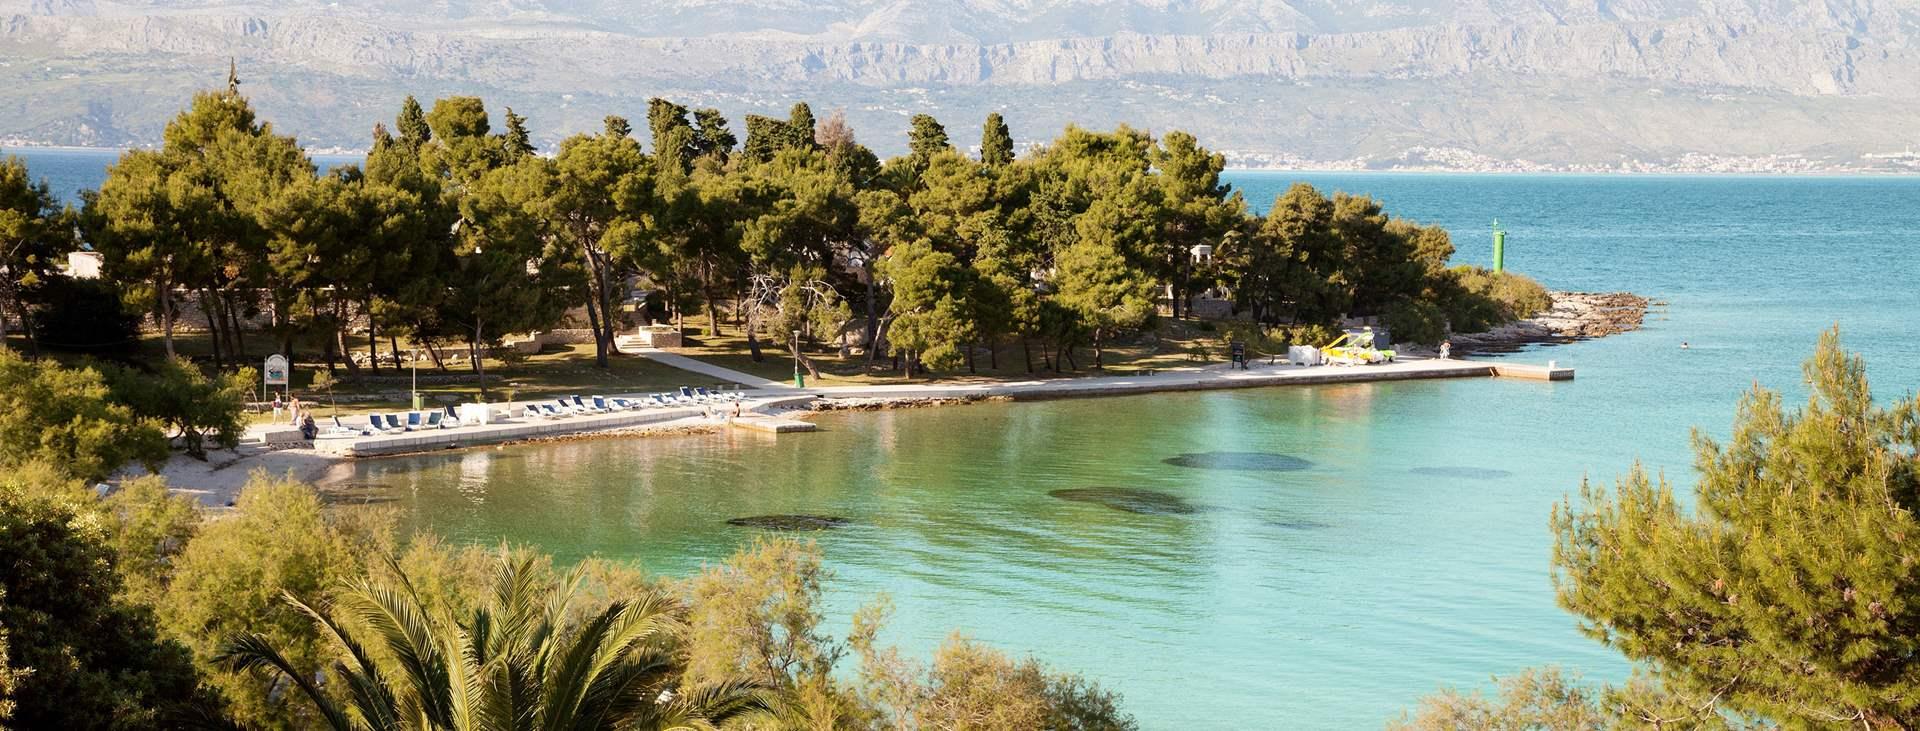 Boka en resa till barnvänliga Supetar på ön Brac i Kroatien